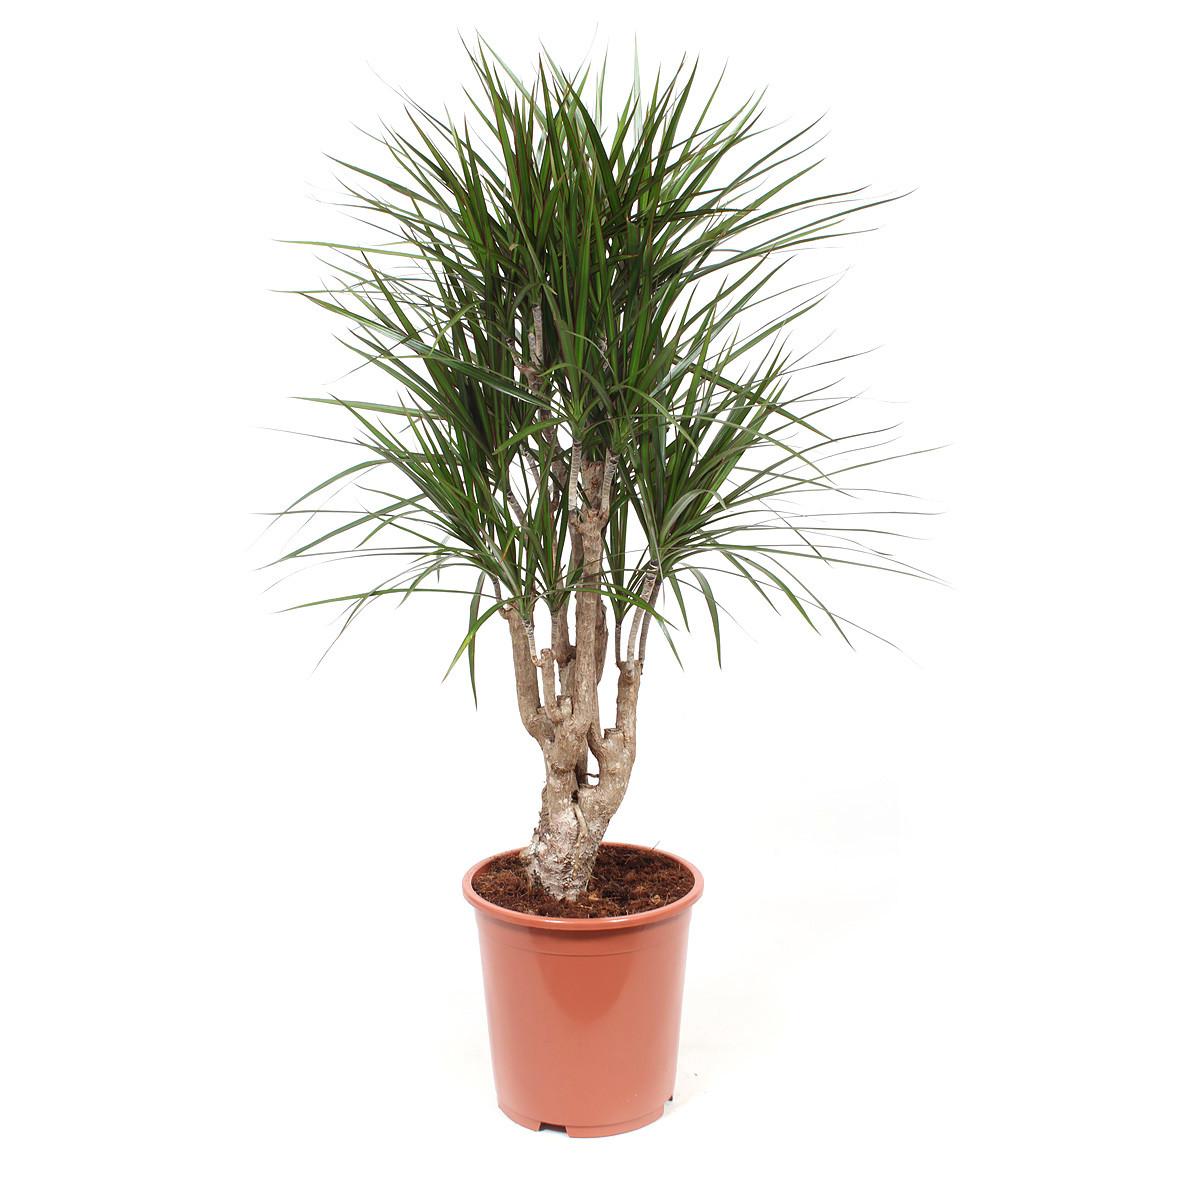 Dracaena Marginata kamerplant120 cm